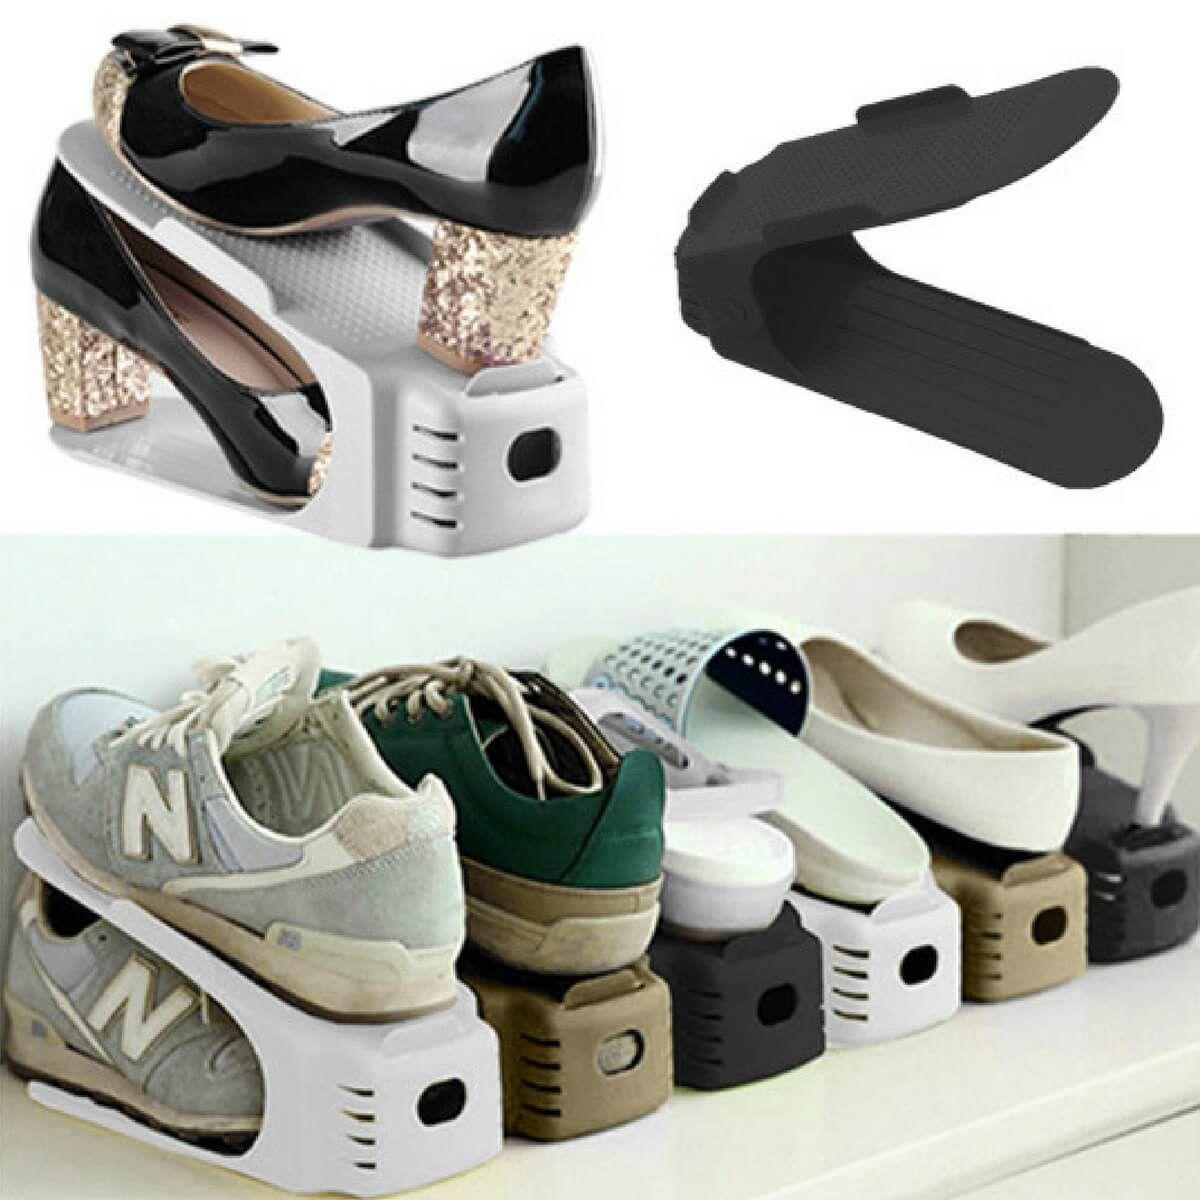 Organizador De Sapatos Tenis Kit 6 Sapateira Casa Armario